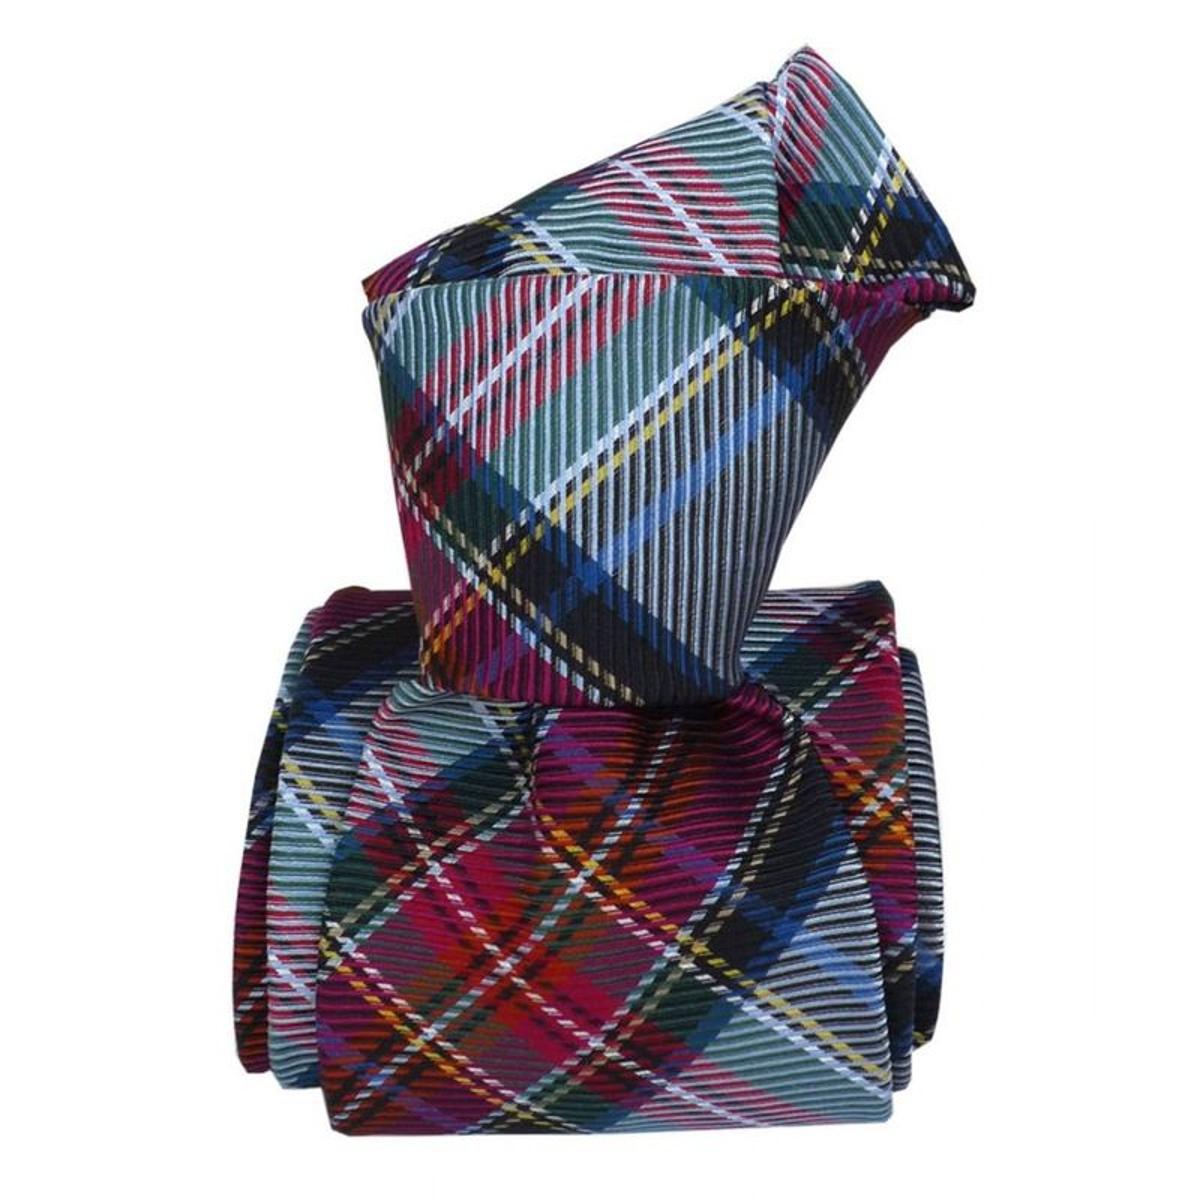 Cravate classique boretto. Soie carreaux